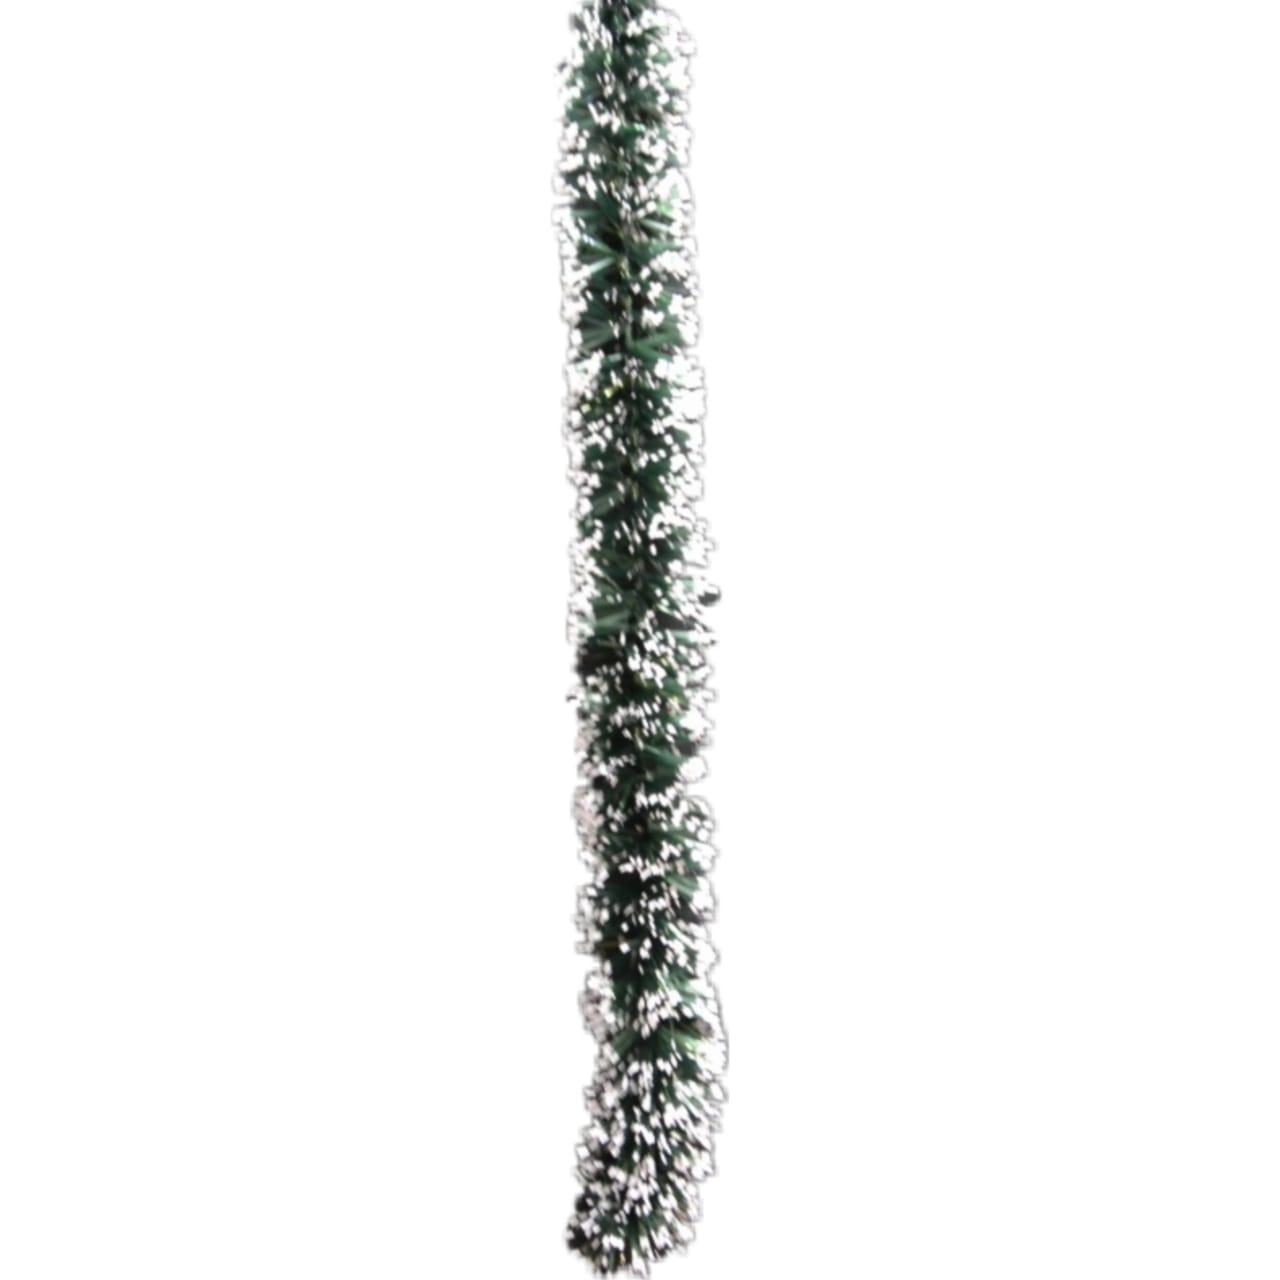 Festão Fugiron Verde com Neve